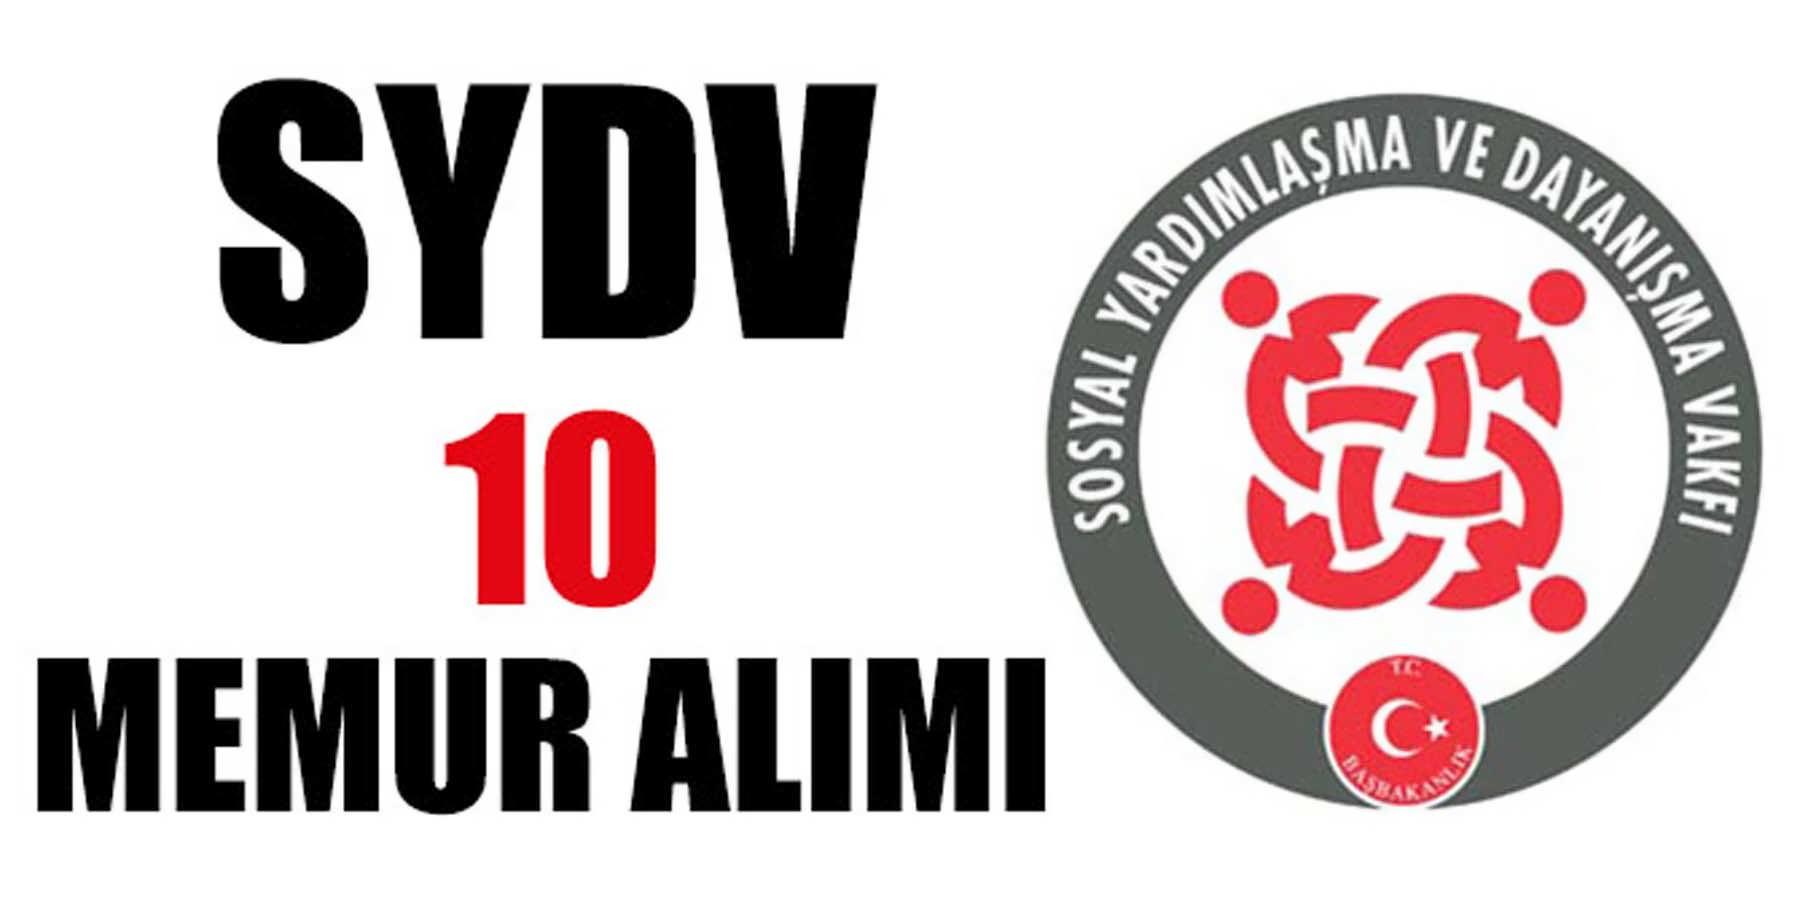 SYDV 5 Şehir 10 Memur Alımı